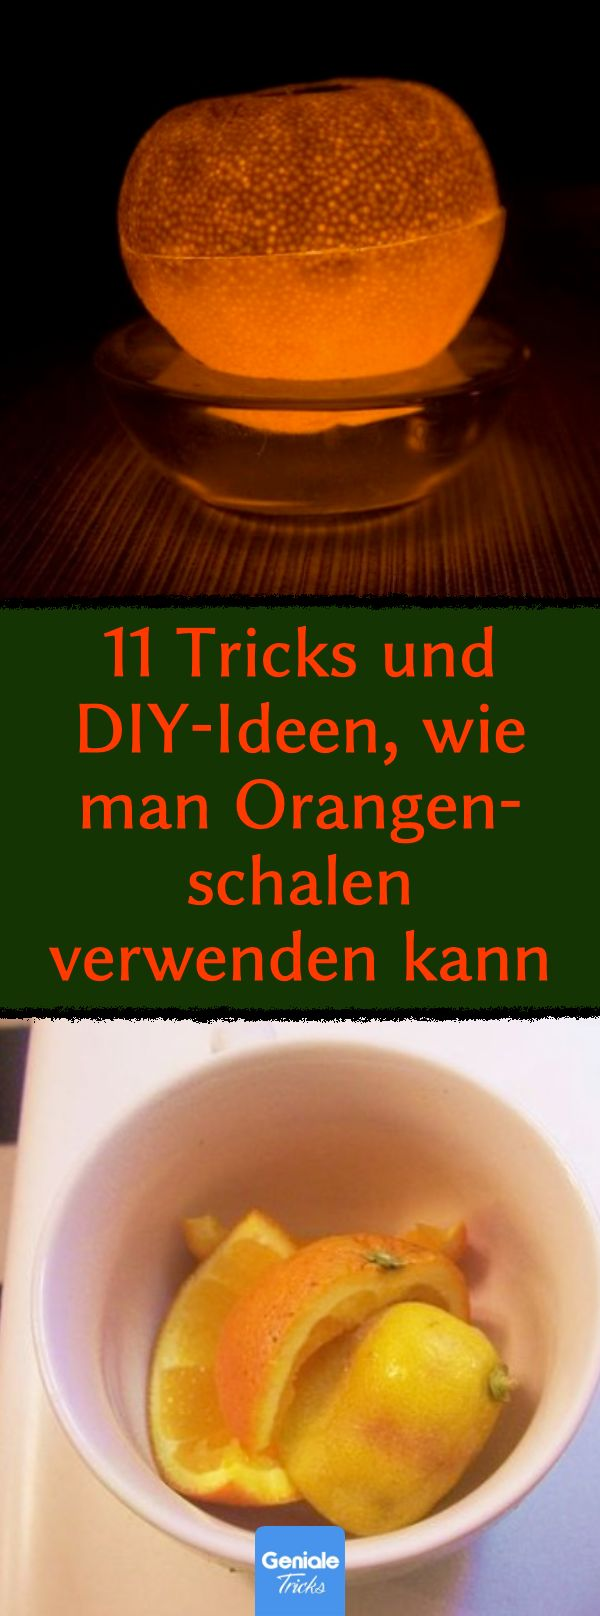 11 Gründe, Orangenschalen nicht wegzuwerfen. Mein Mann kann von Nr. 4 nie genug bekommen! 11 Tricks und DIY-Ideen, wie man Orangenschalen verwenden kann. #Orangenschalen #DIY #Ideen #Basteltipps #Kerze #Weichspüler #Hausmittel #Salat #Kopfschmerzen #Völlegefühl #Verdauung #Weihnachtsdeko #selbst #gemacht